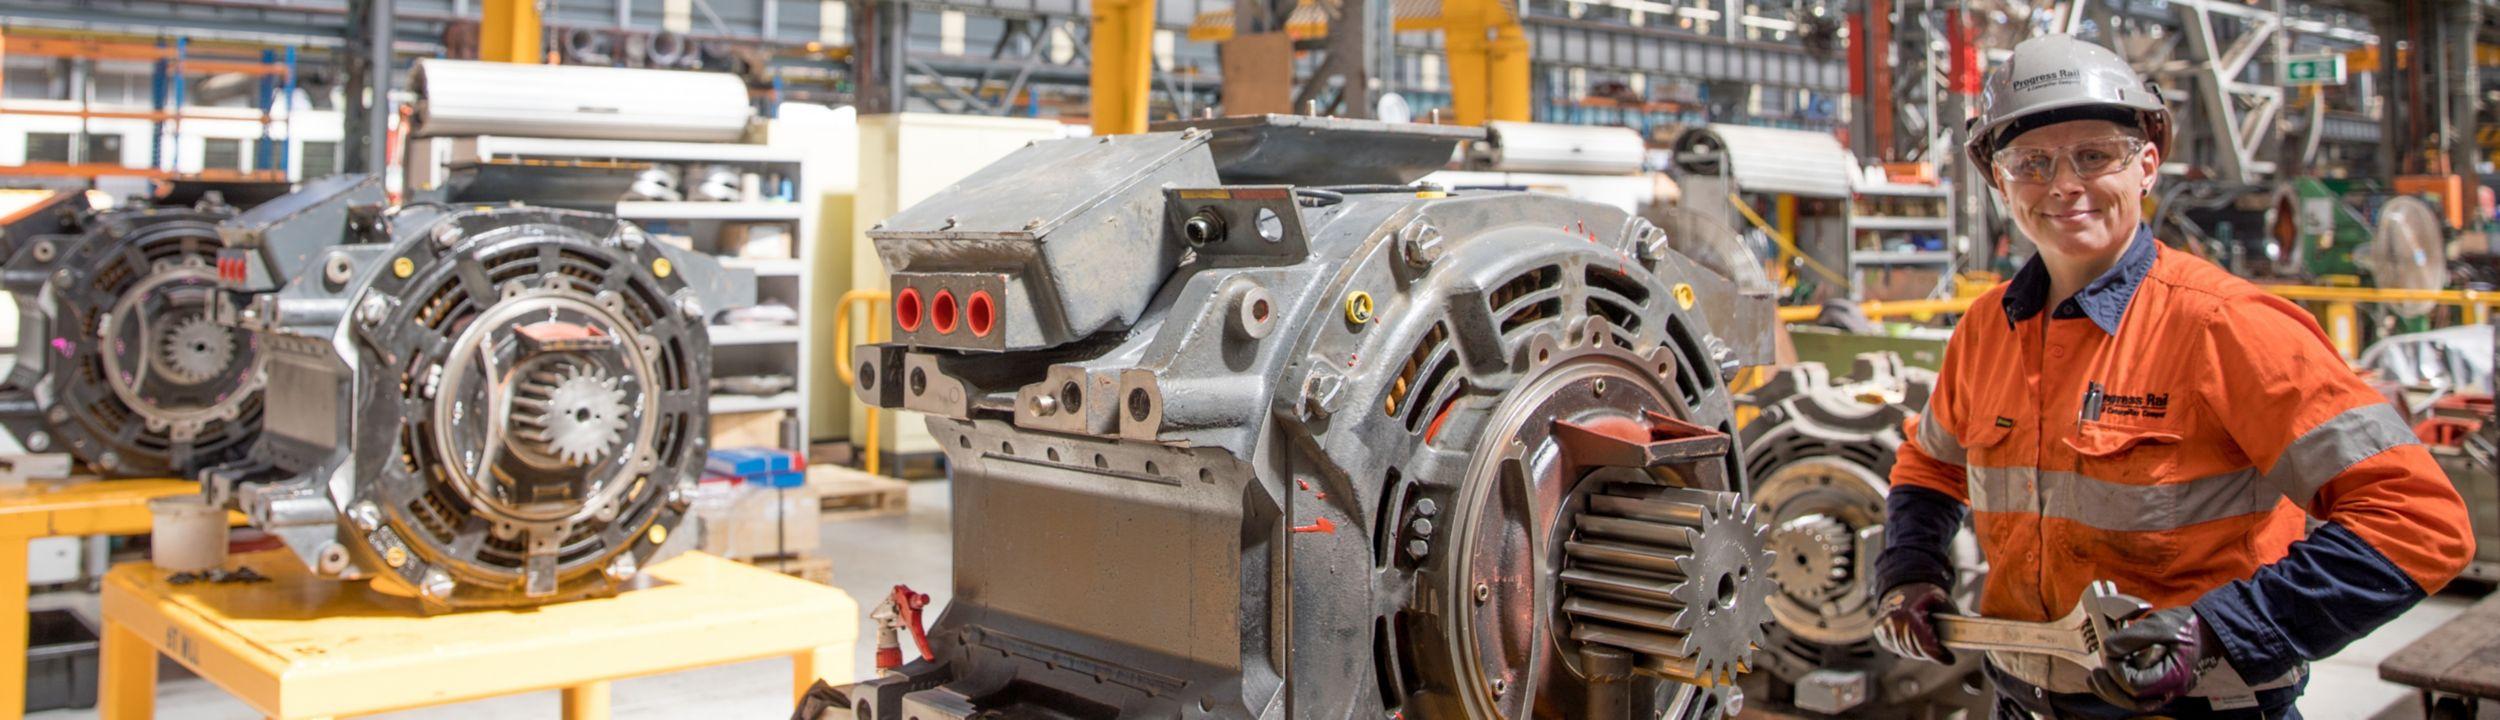 Locomotive Components, EMD Parts, Locomotive Parts